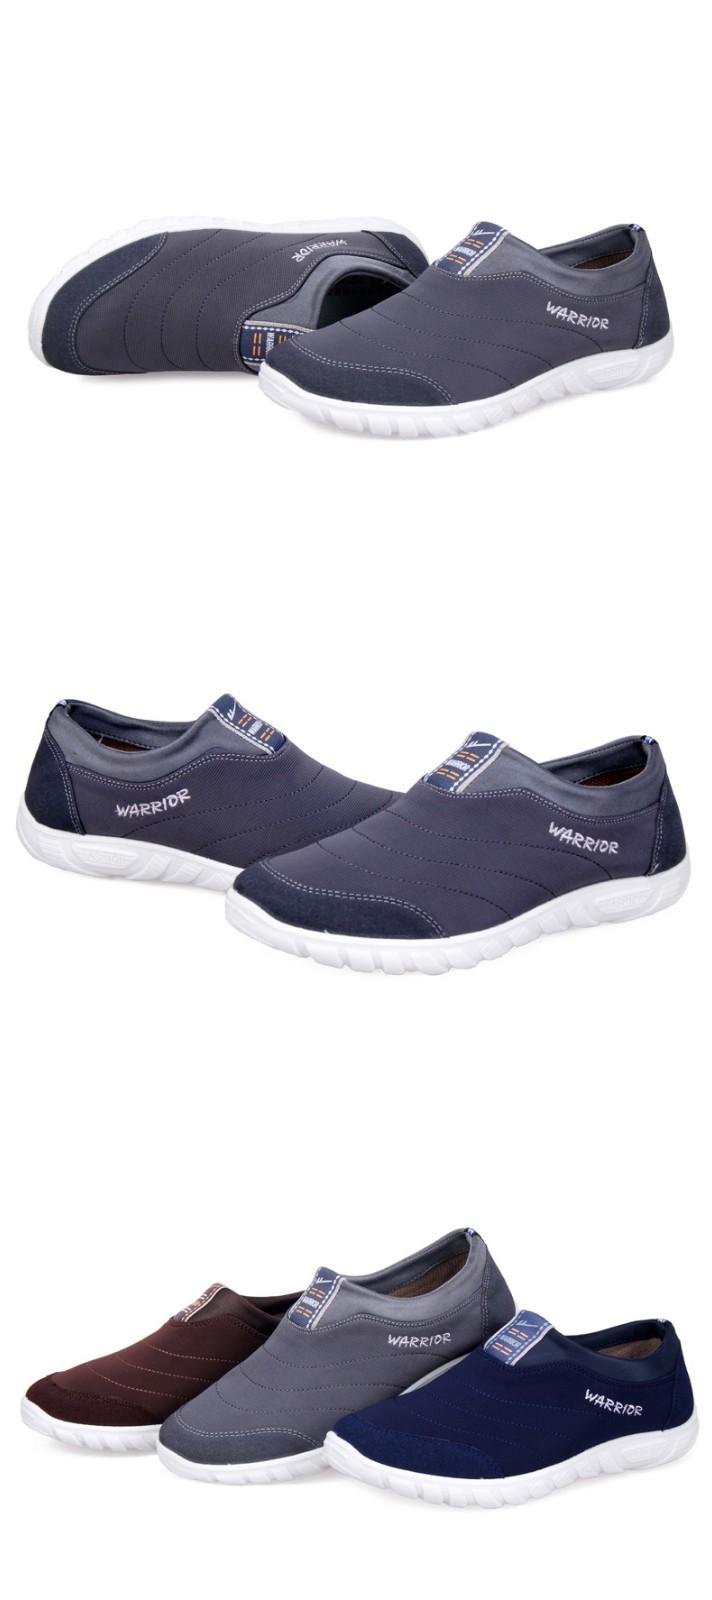 回力男鞋帆布鞋子一脚蹬懒人鞋男士潮流韩版布鞋透气鞋图片十三